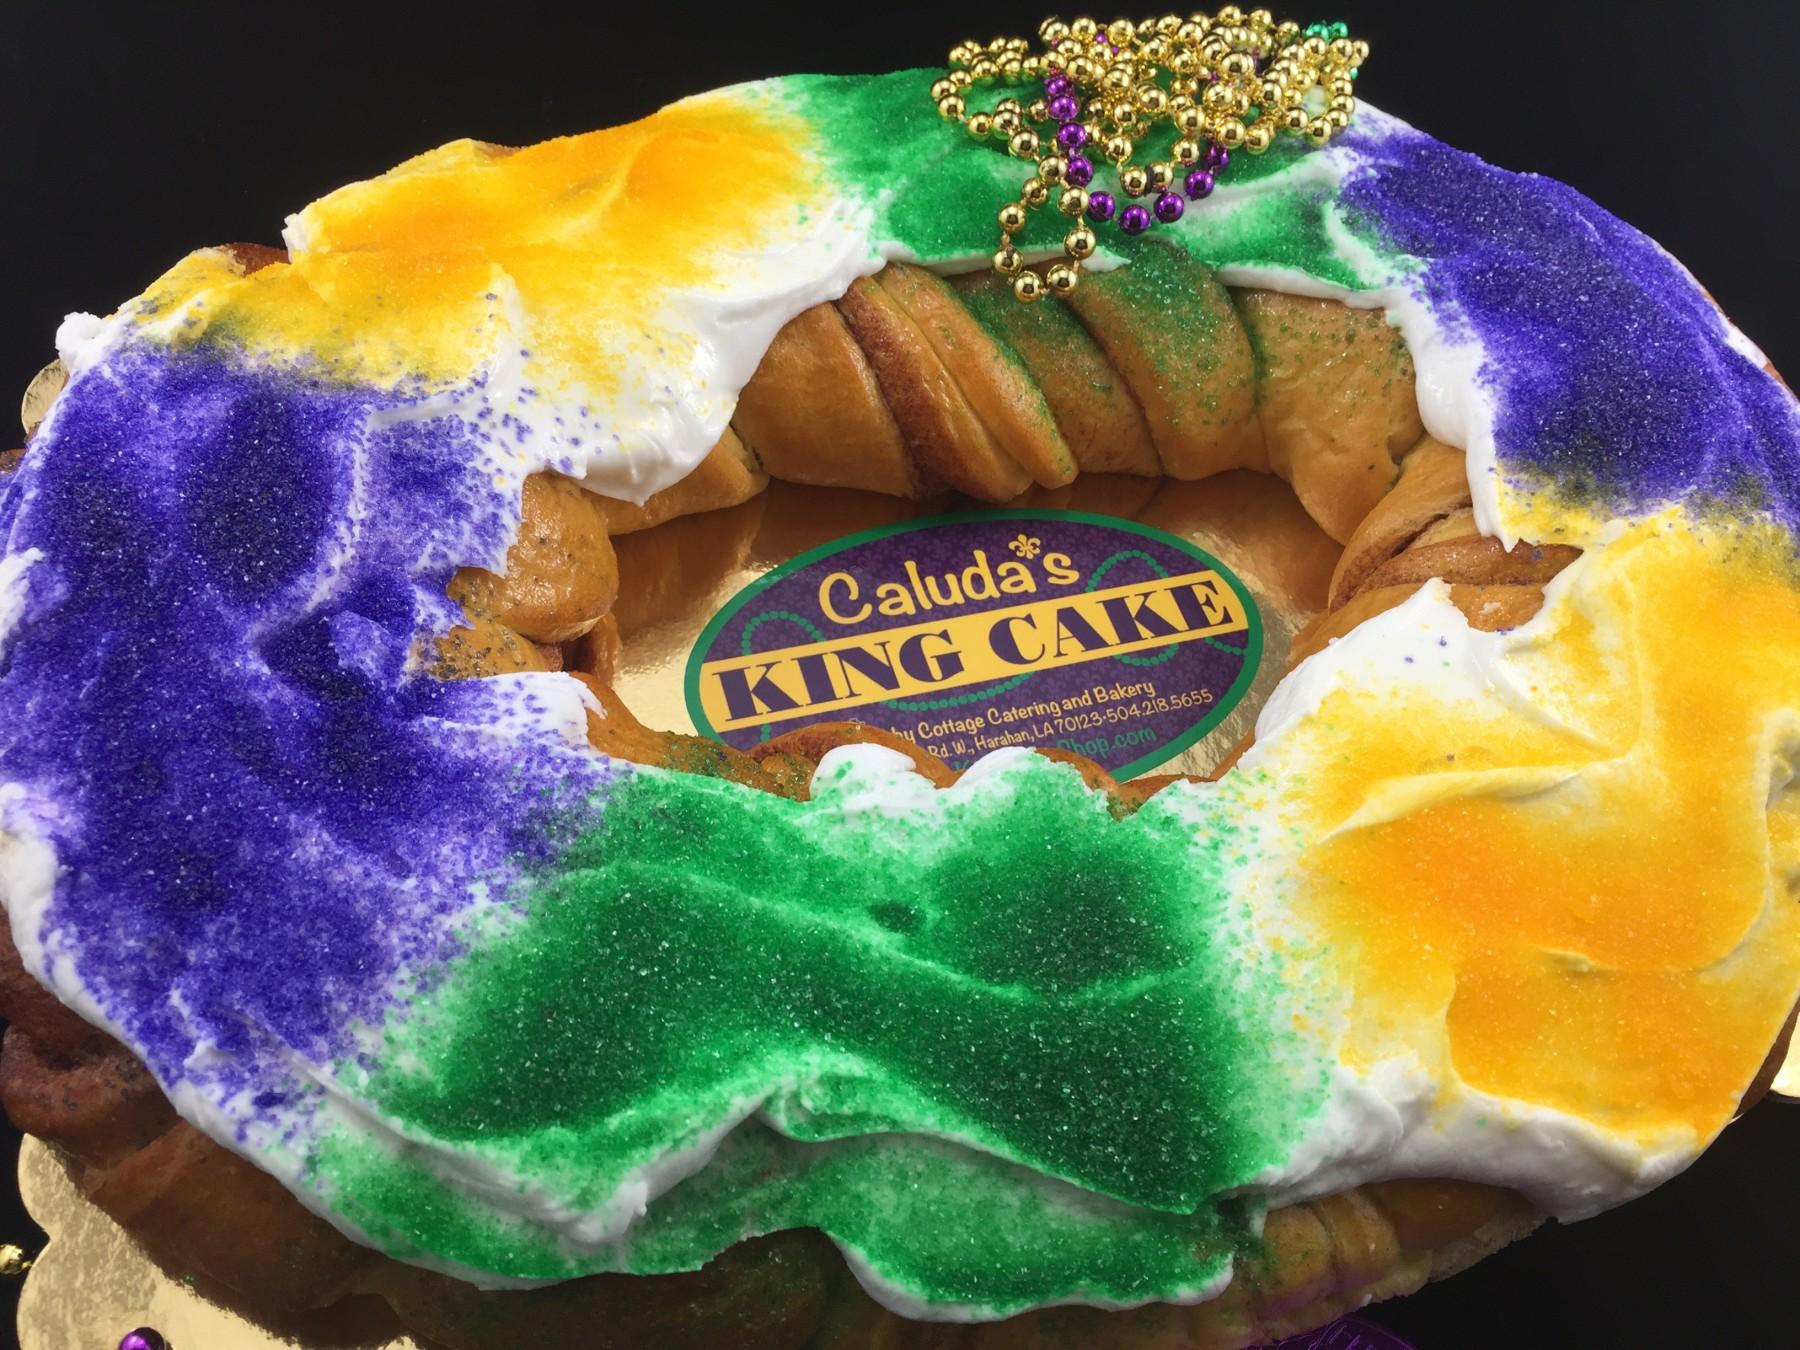 Caludas King Cake